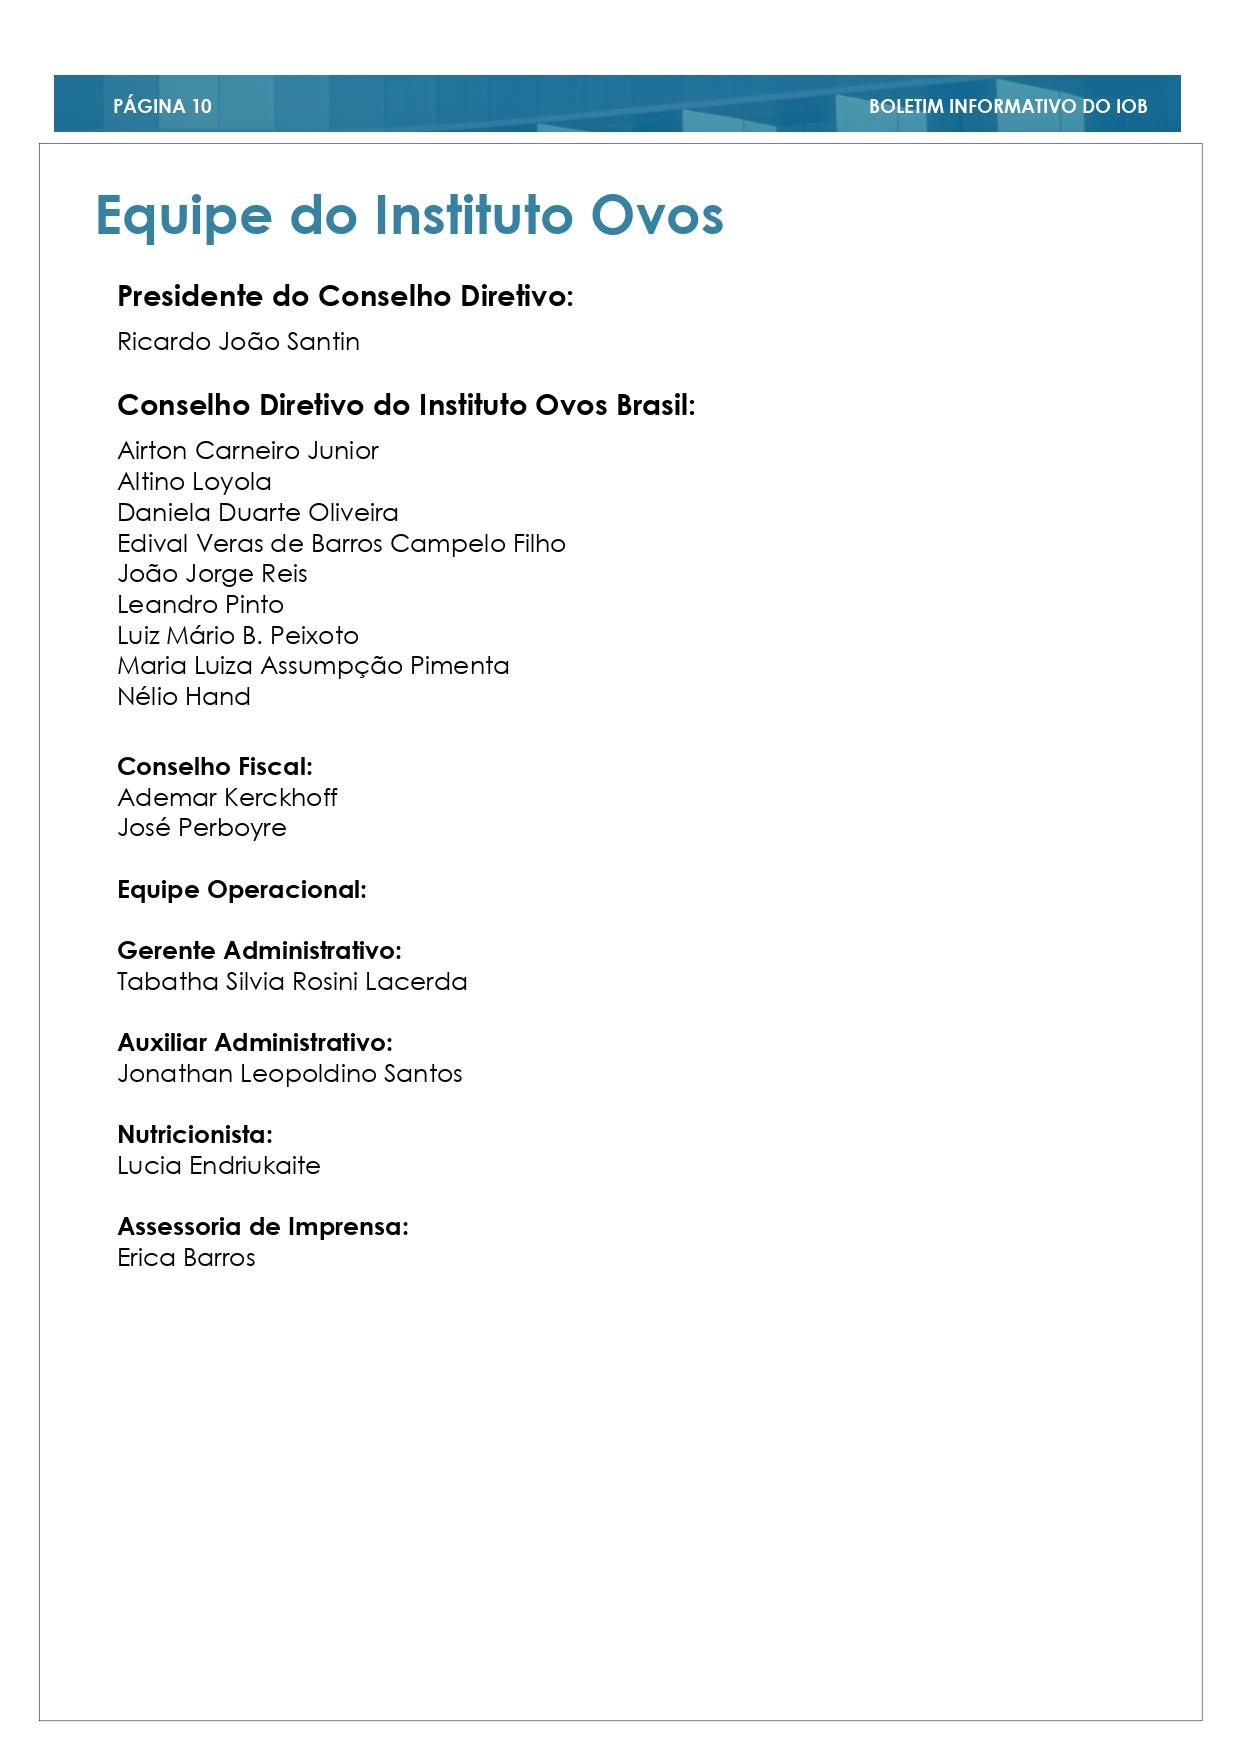 2° Edição Informe Trimestral _page-0010